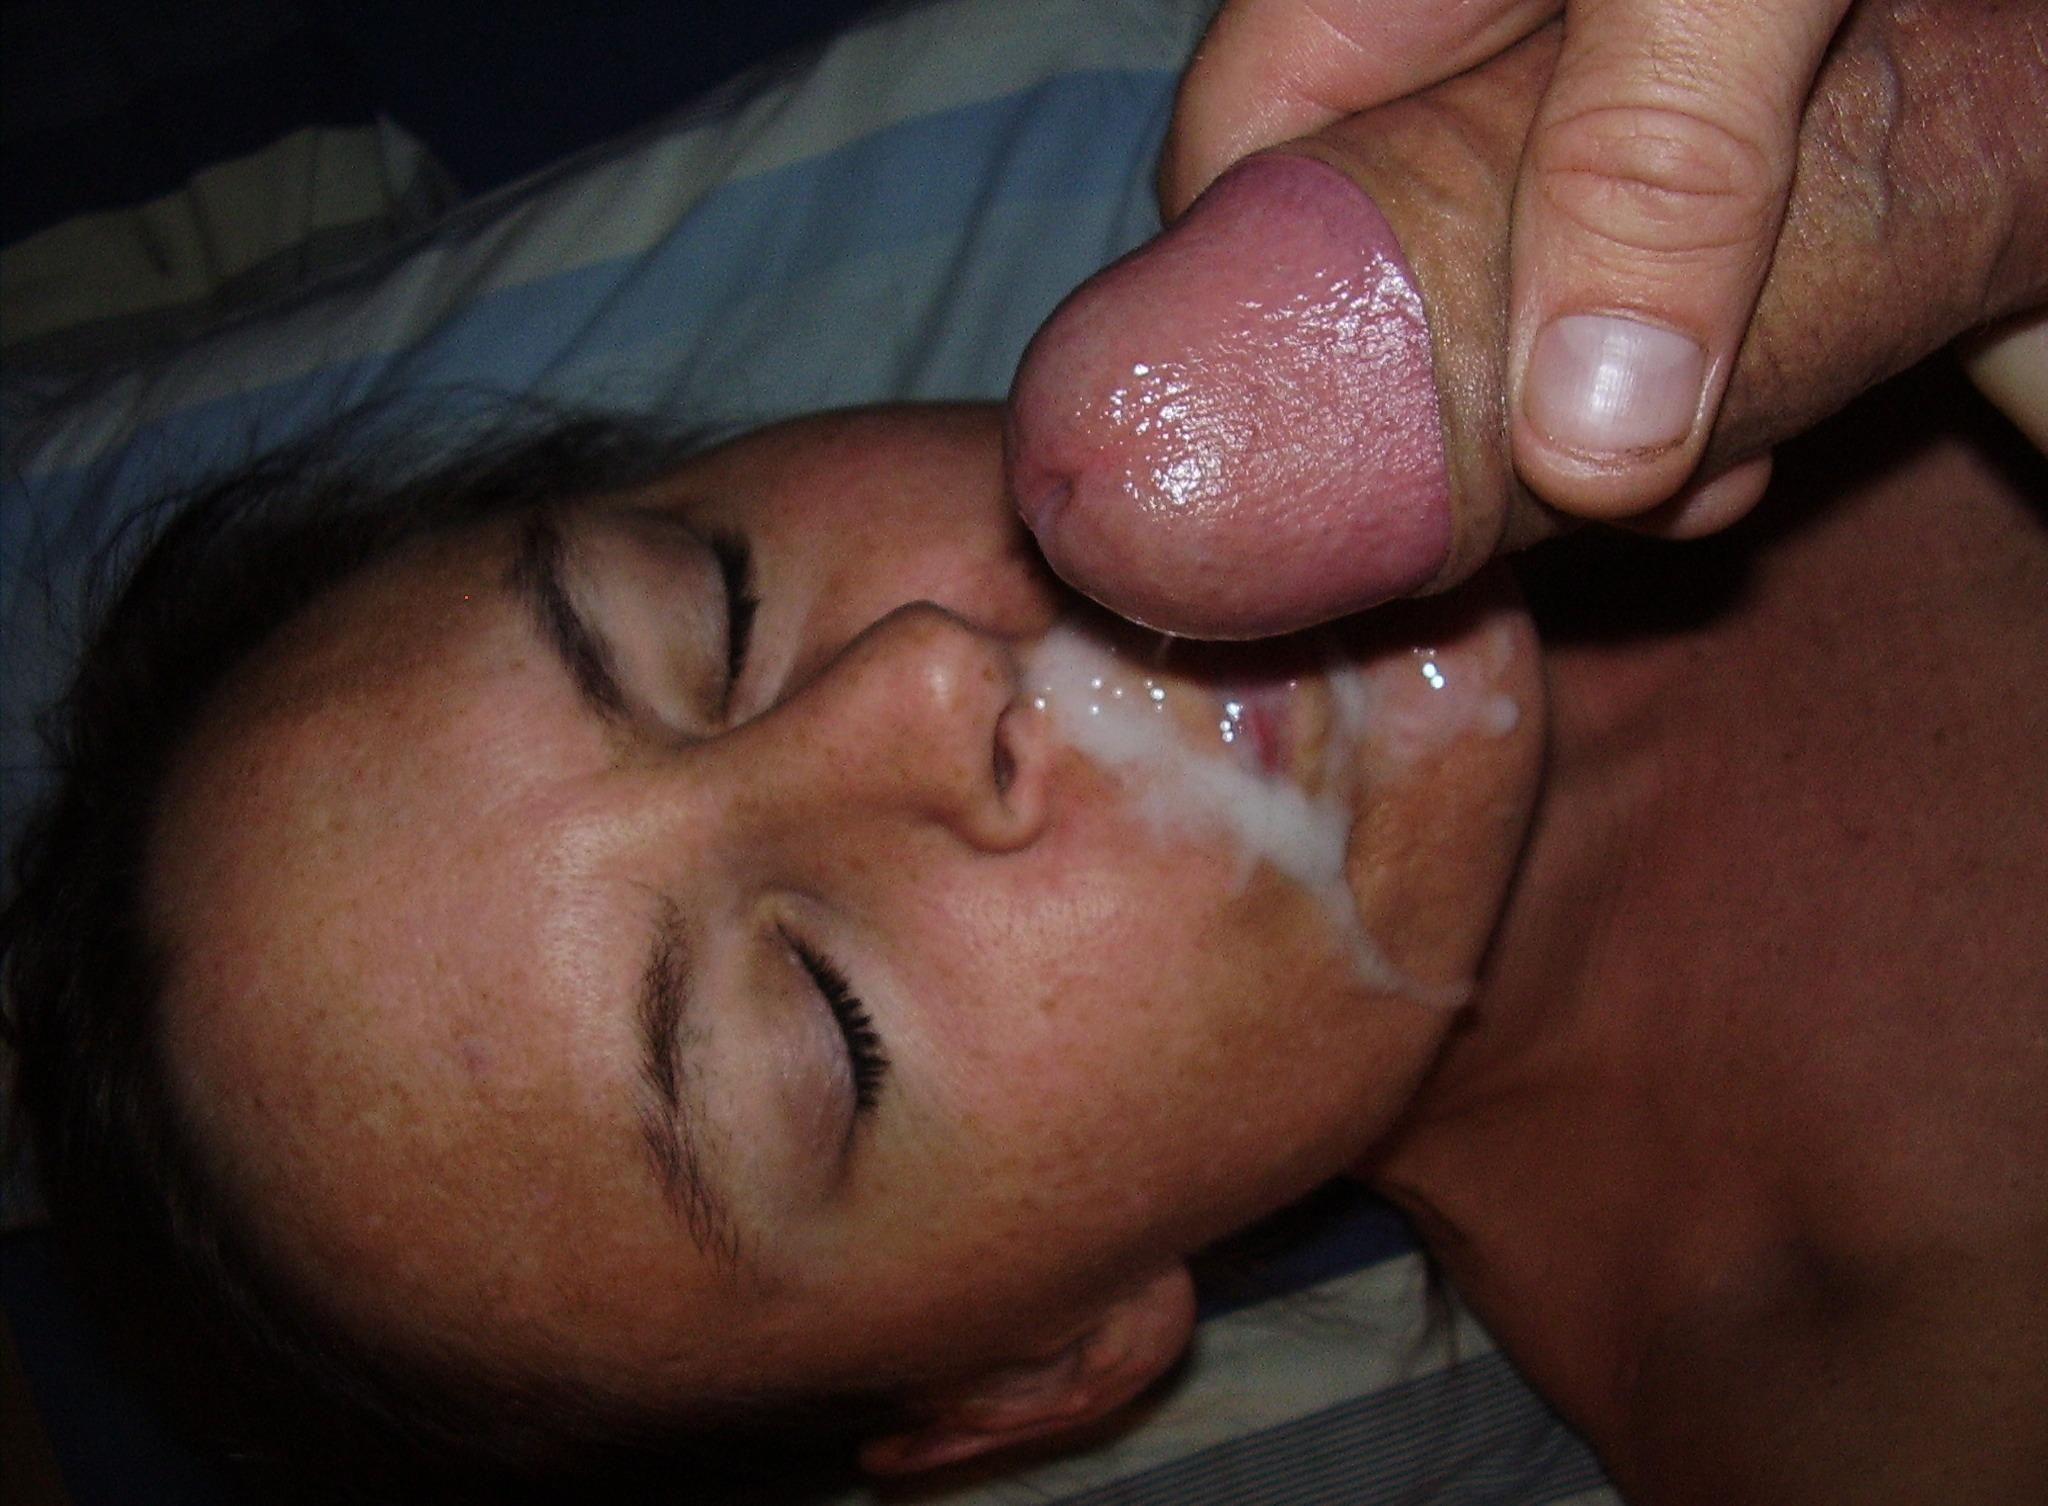 Хуй ворту сперма из ушей